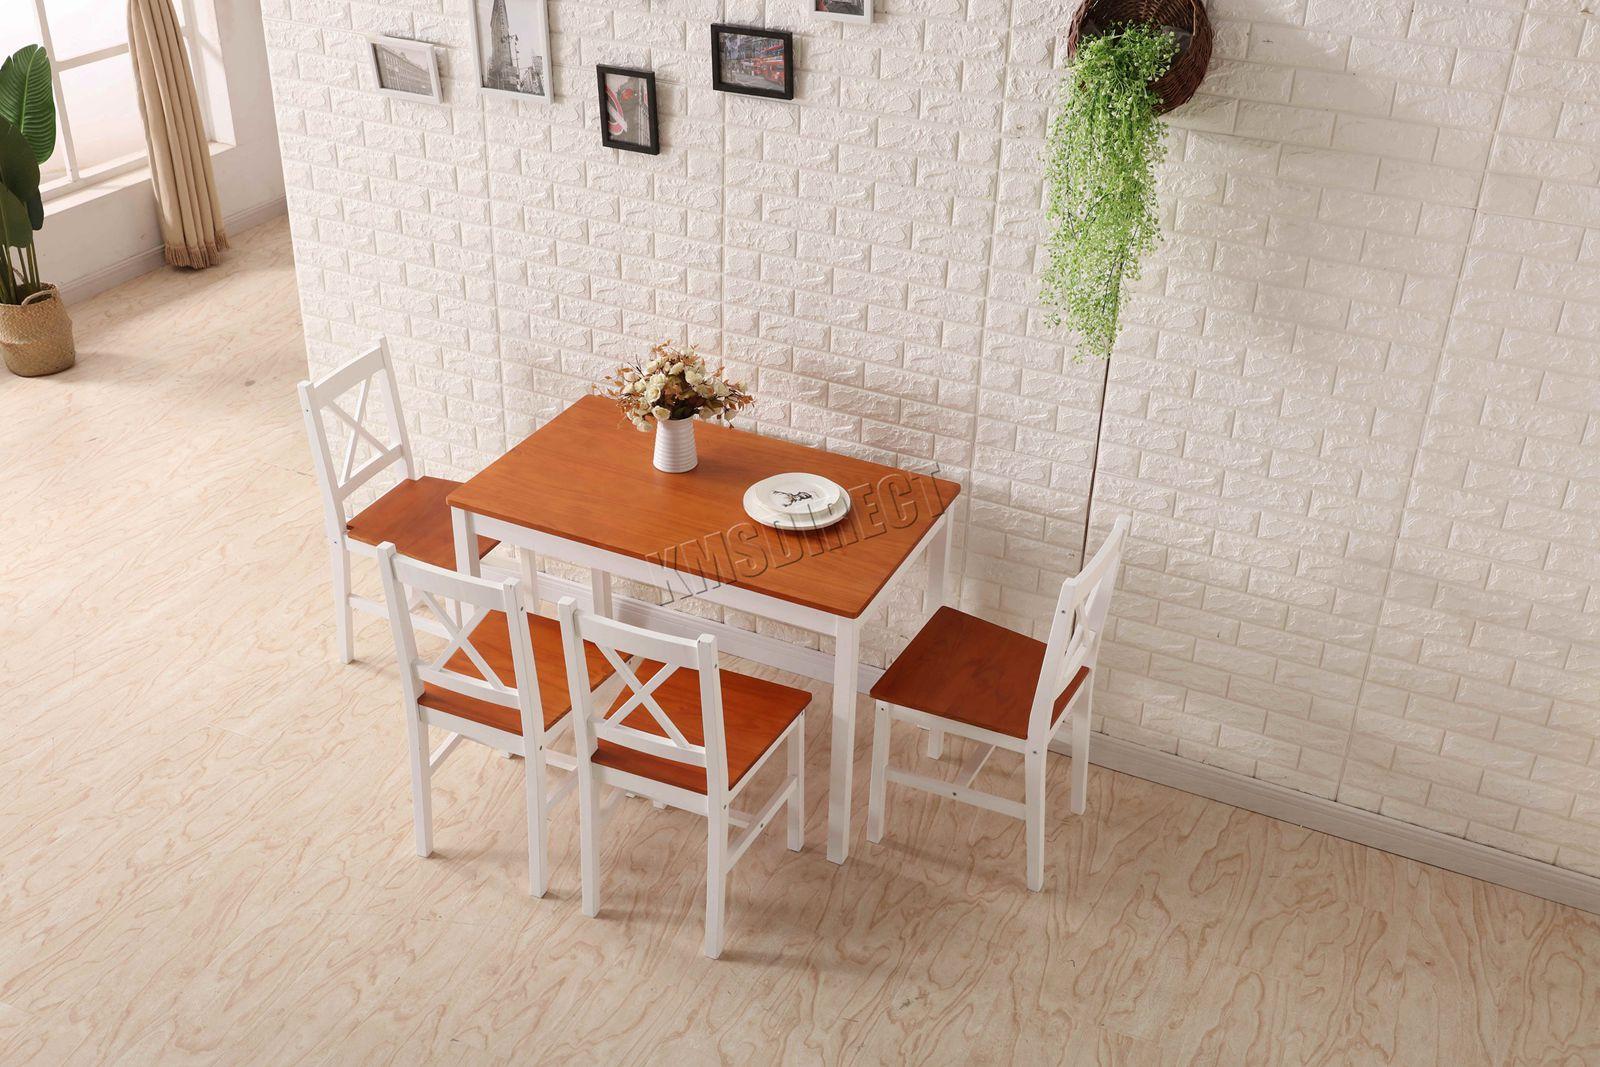 Stühle Qualität Esszimmer Tisch und Westwood Massiv 4 Holz rdCBxeo